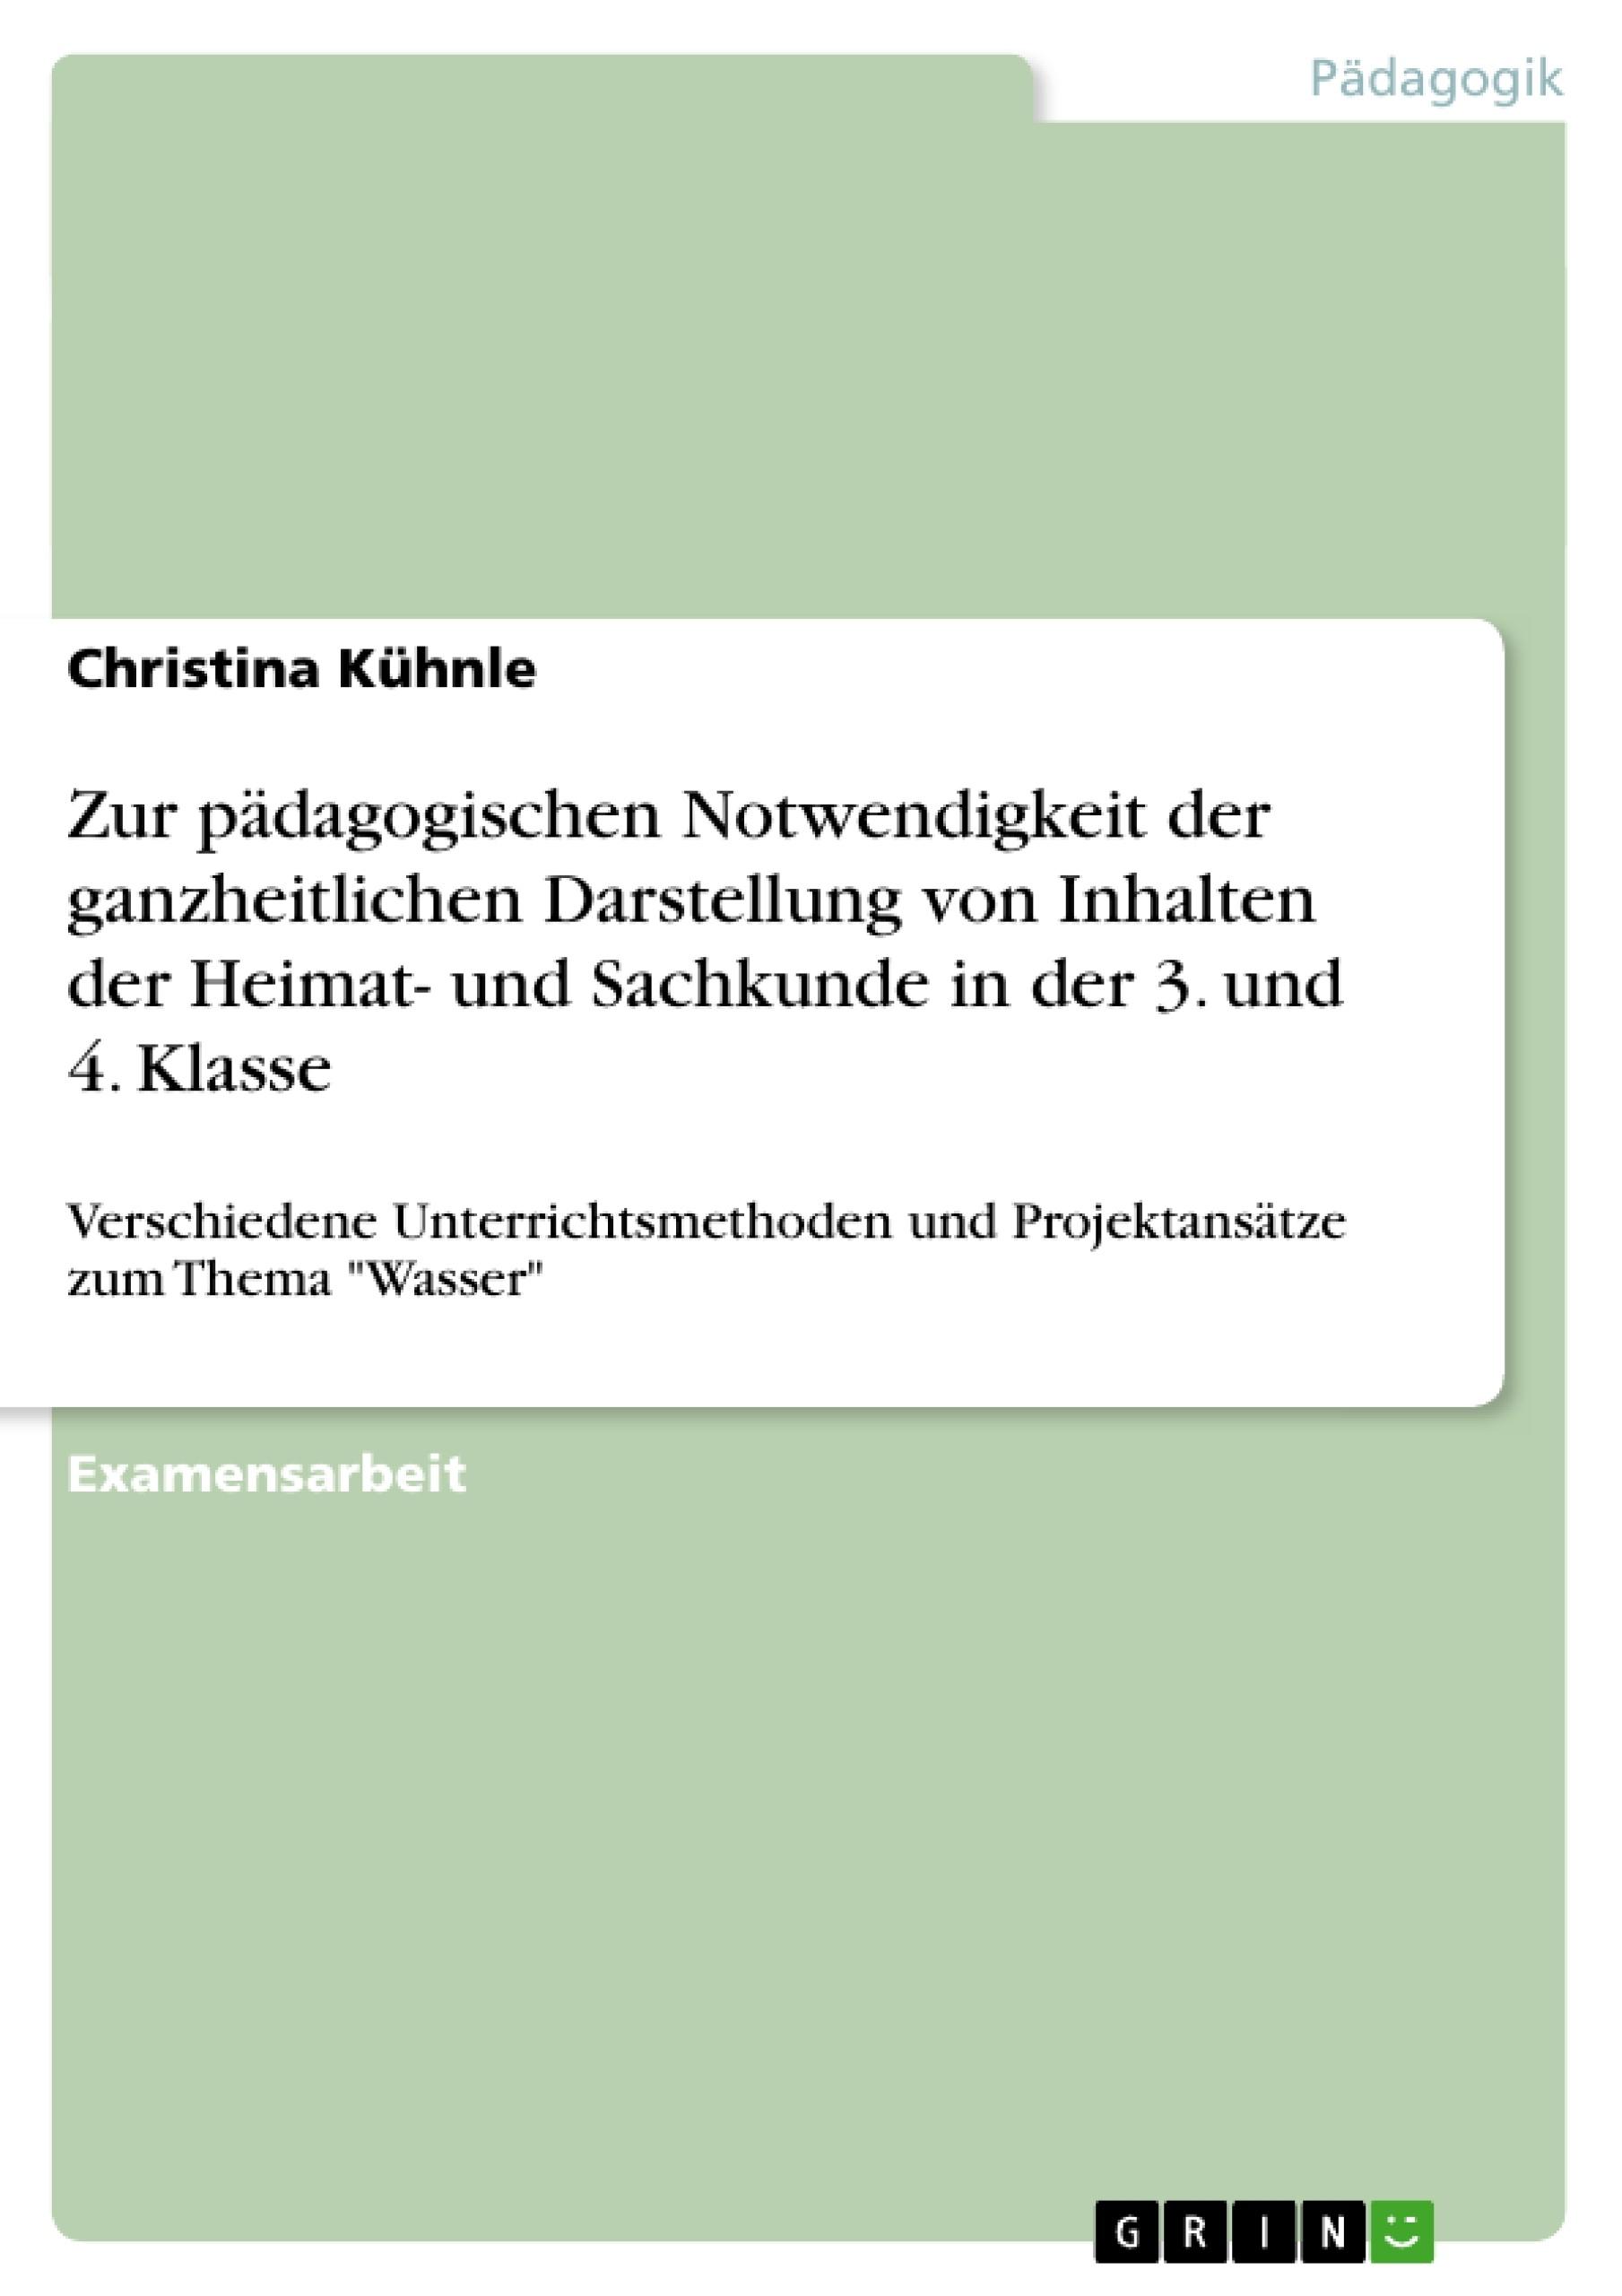 Titel: Zur pädagogischen Notwendigkeit der ganzheitlichen Darstellung von Inhalten der Heimat- und Sachkunde  in der 3. und 4. Klasse